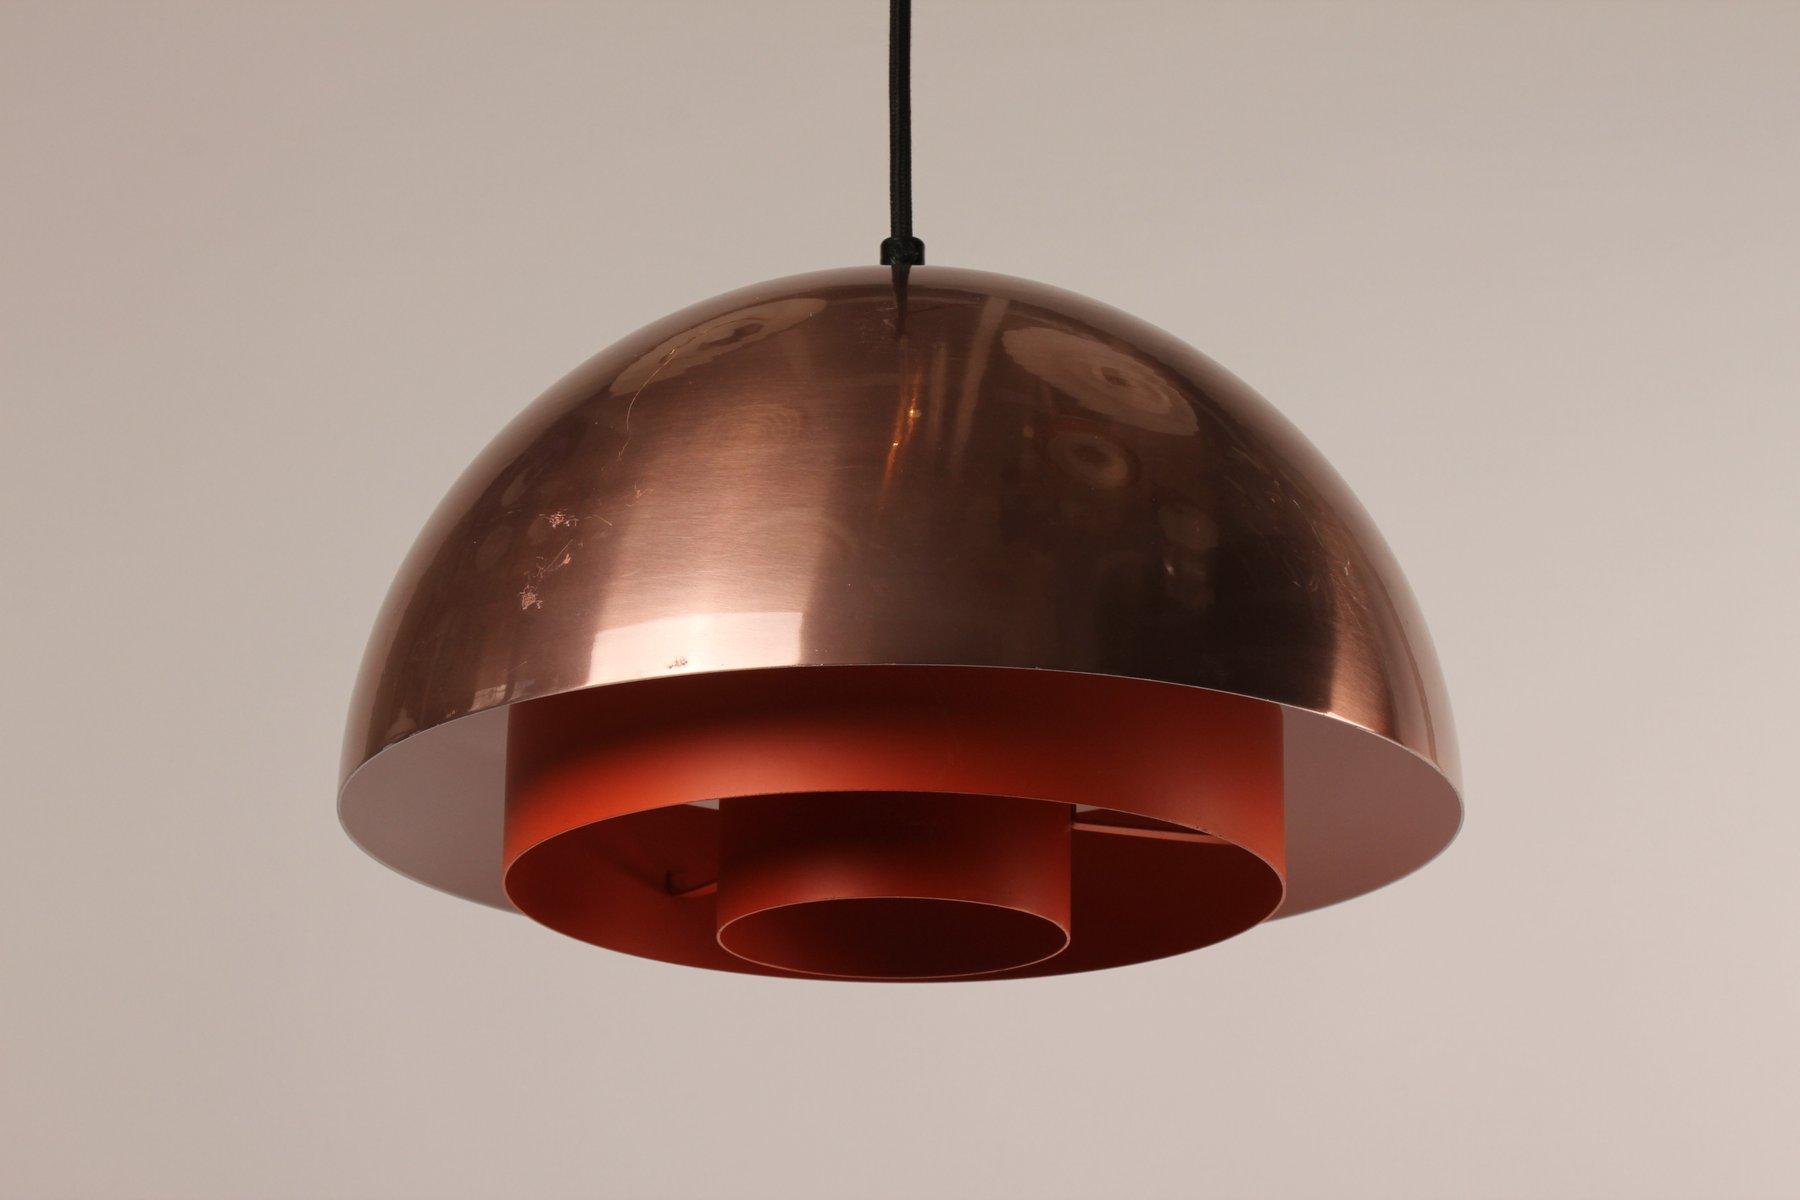 d nische milieu lampe aus kupfer von jo hammerborg f r lyfa 1970er bei pamono kaufen. Black Bedroom Furniture Sets. Home Design Ideas